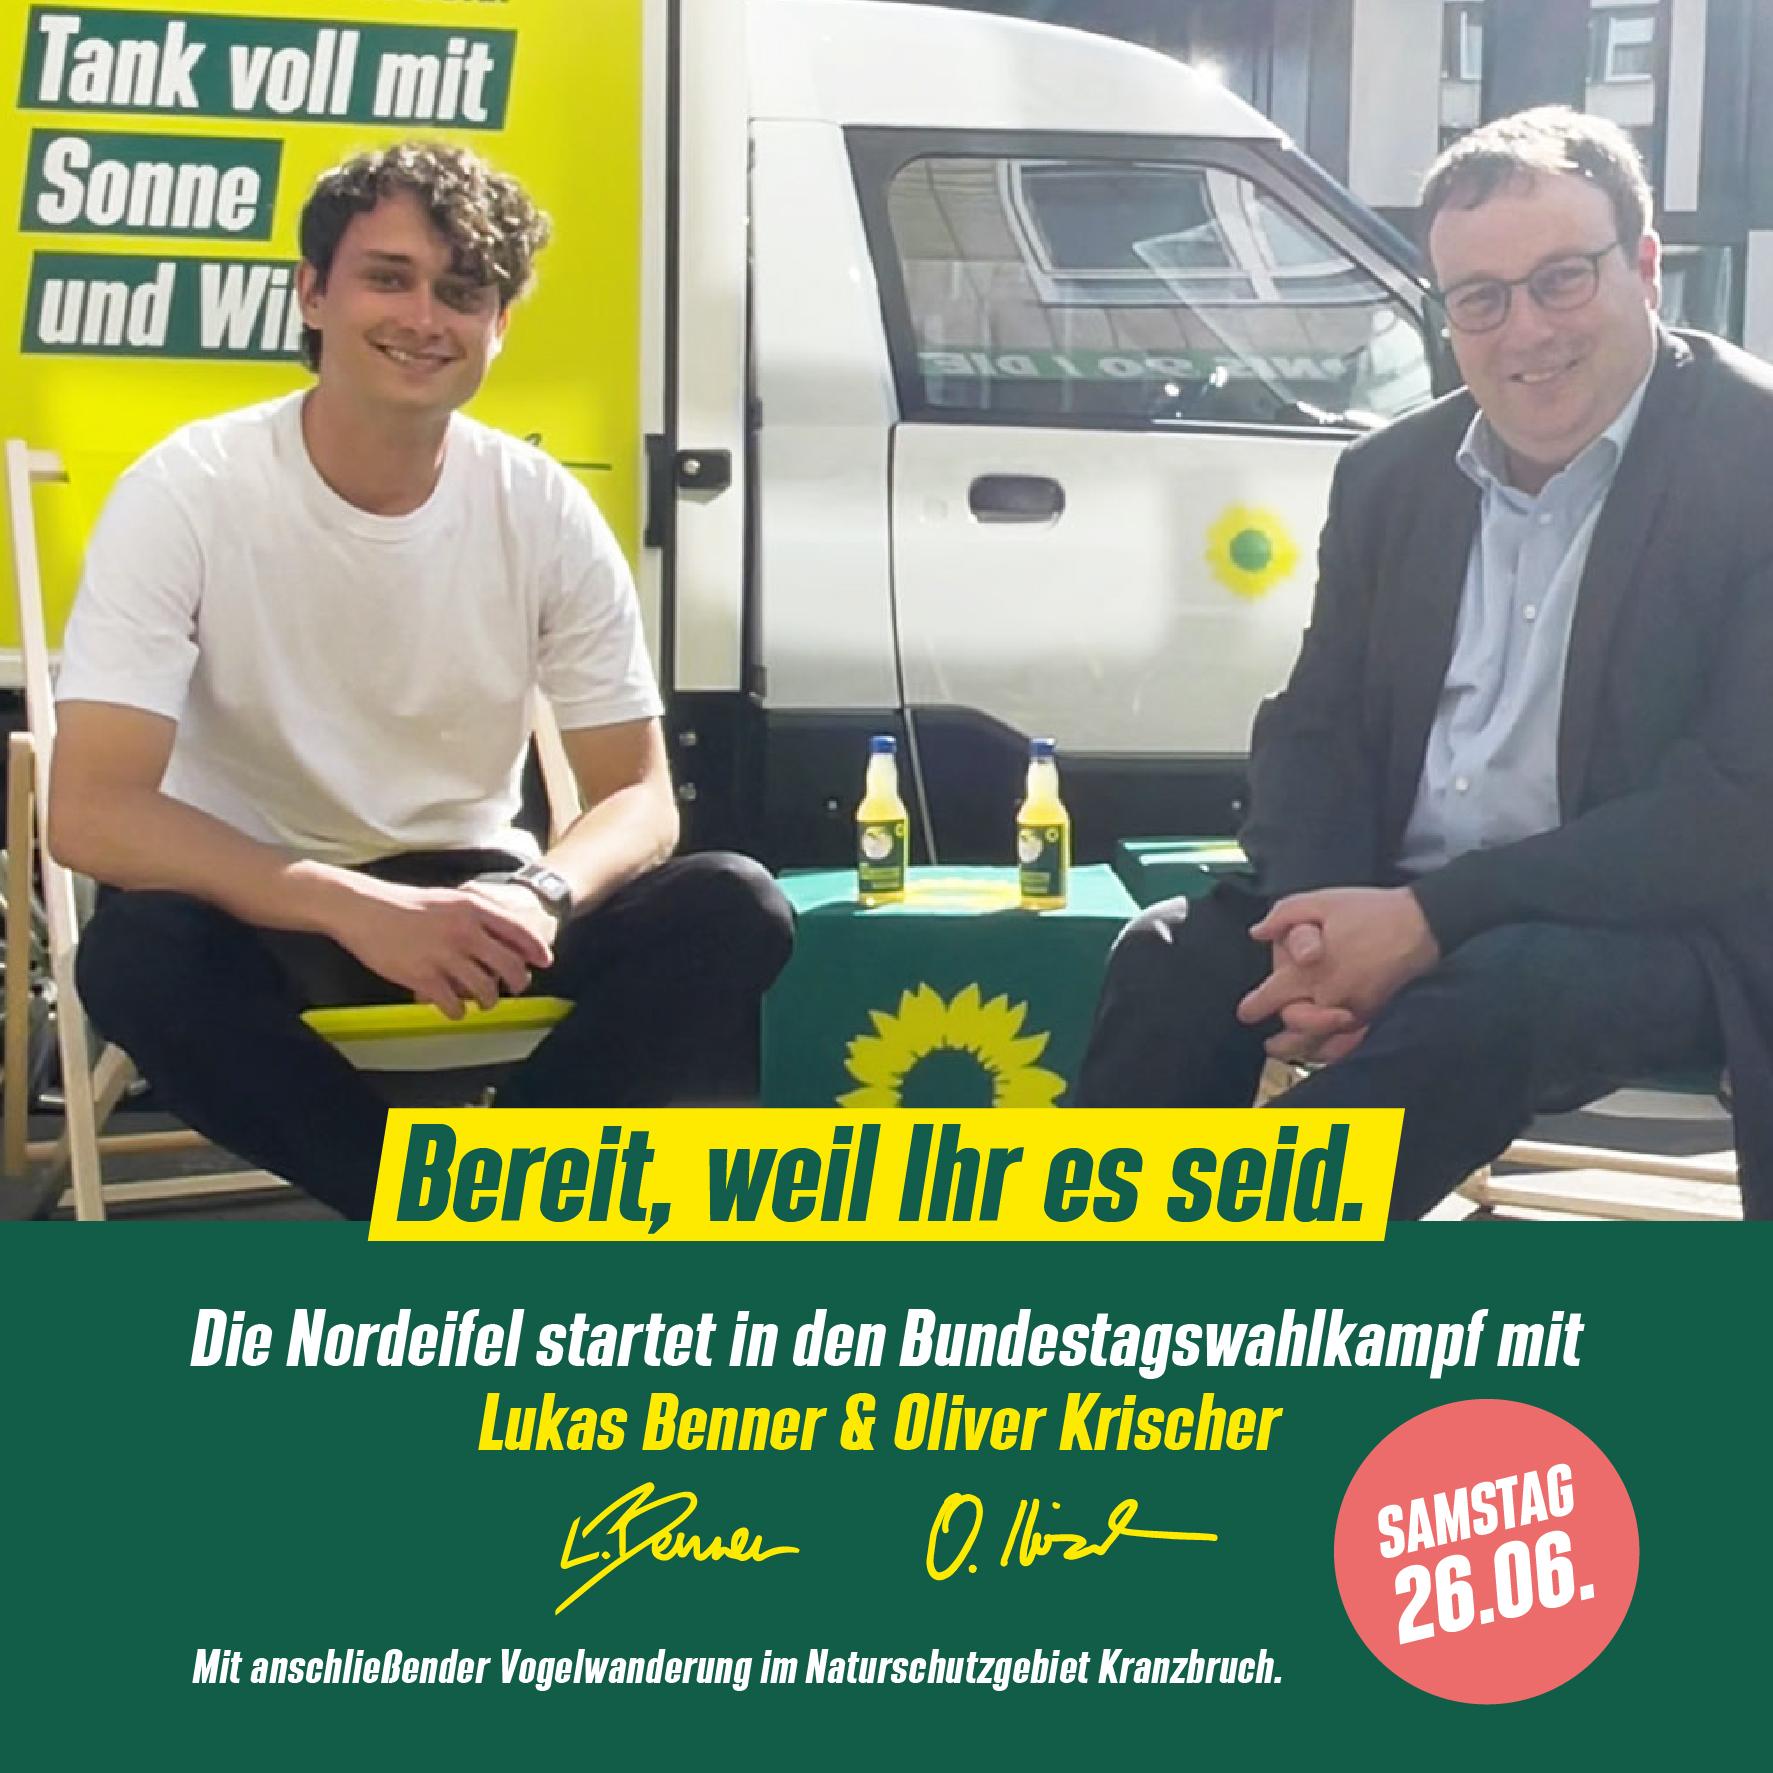 Die Nordeifel startet in den Bundestagswahlkampf